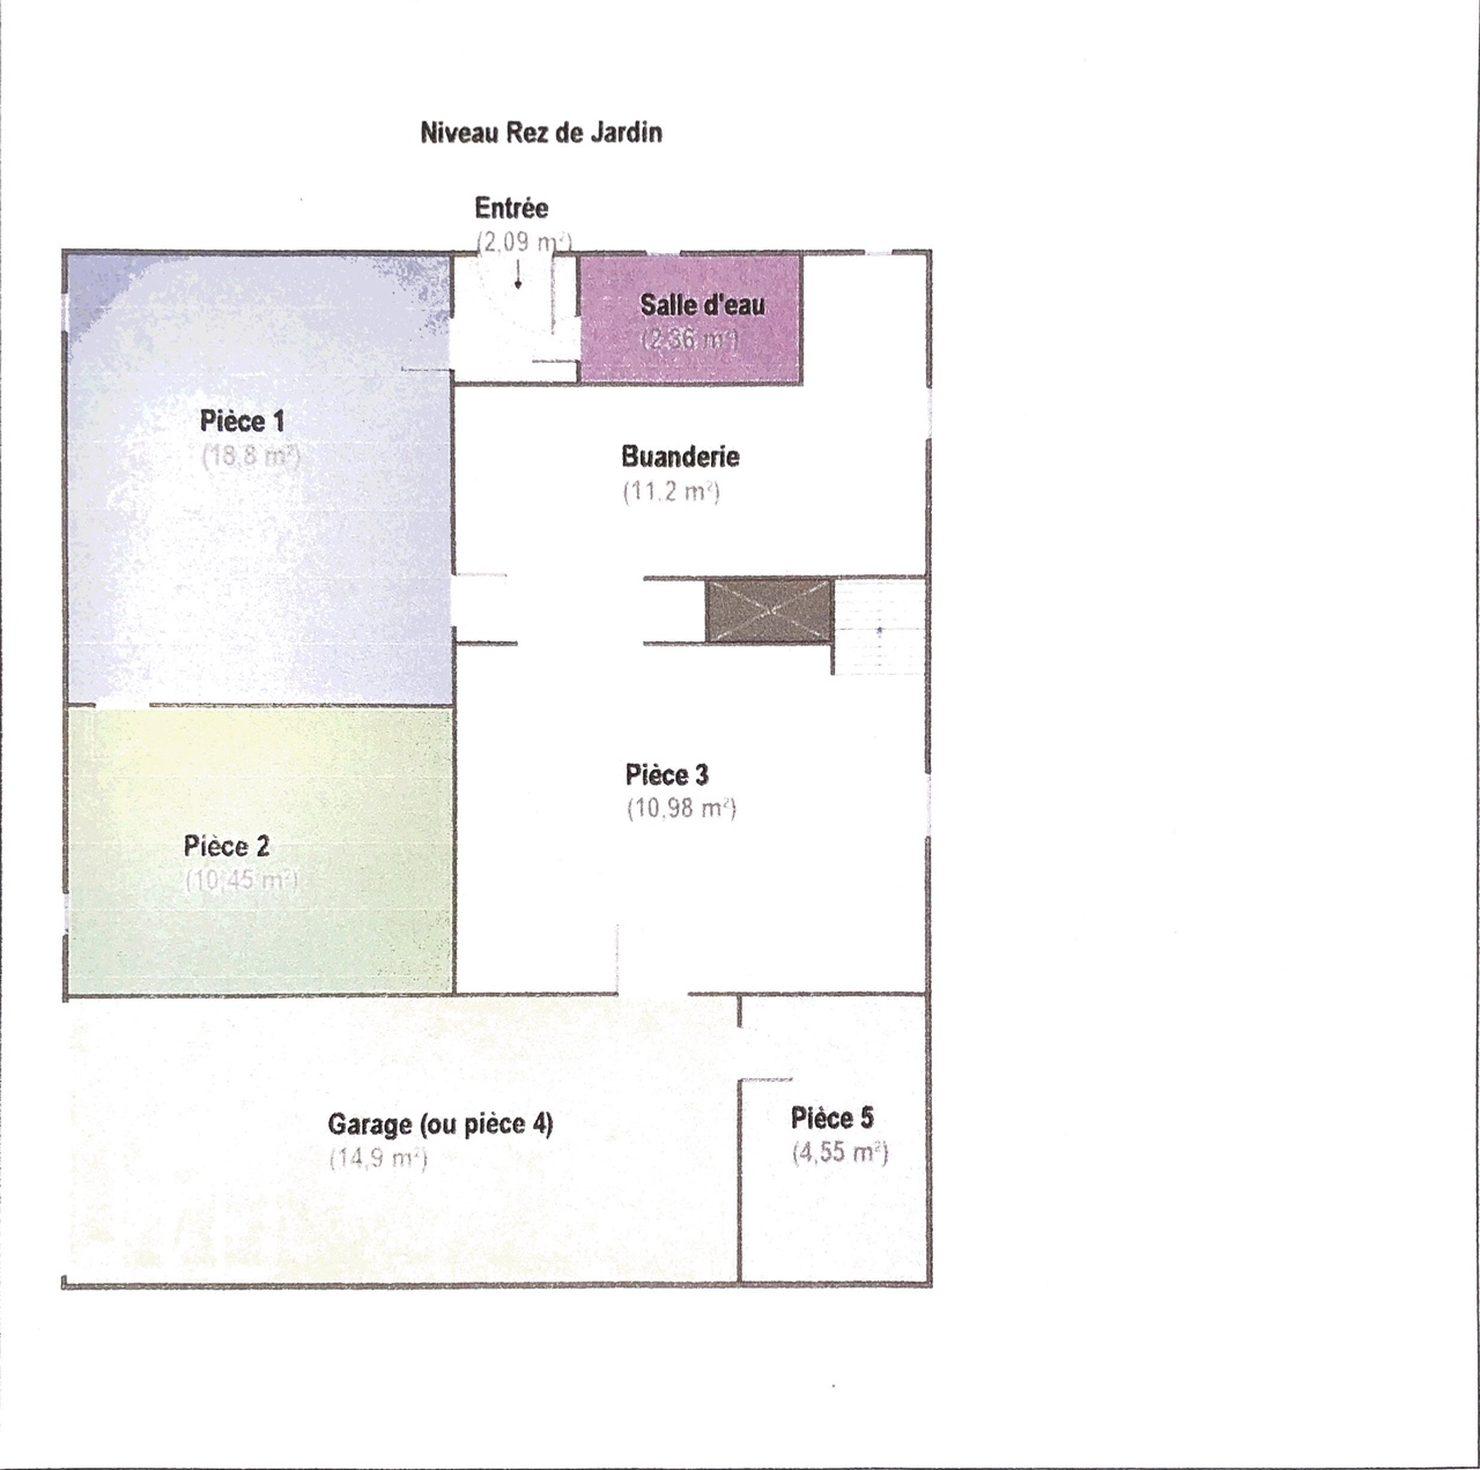 Cuisine équipée 5m2: Maison 5 Pièces à Livry Gargan, 125 M² Environ